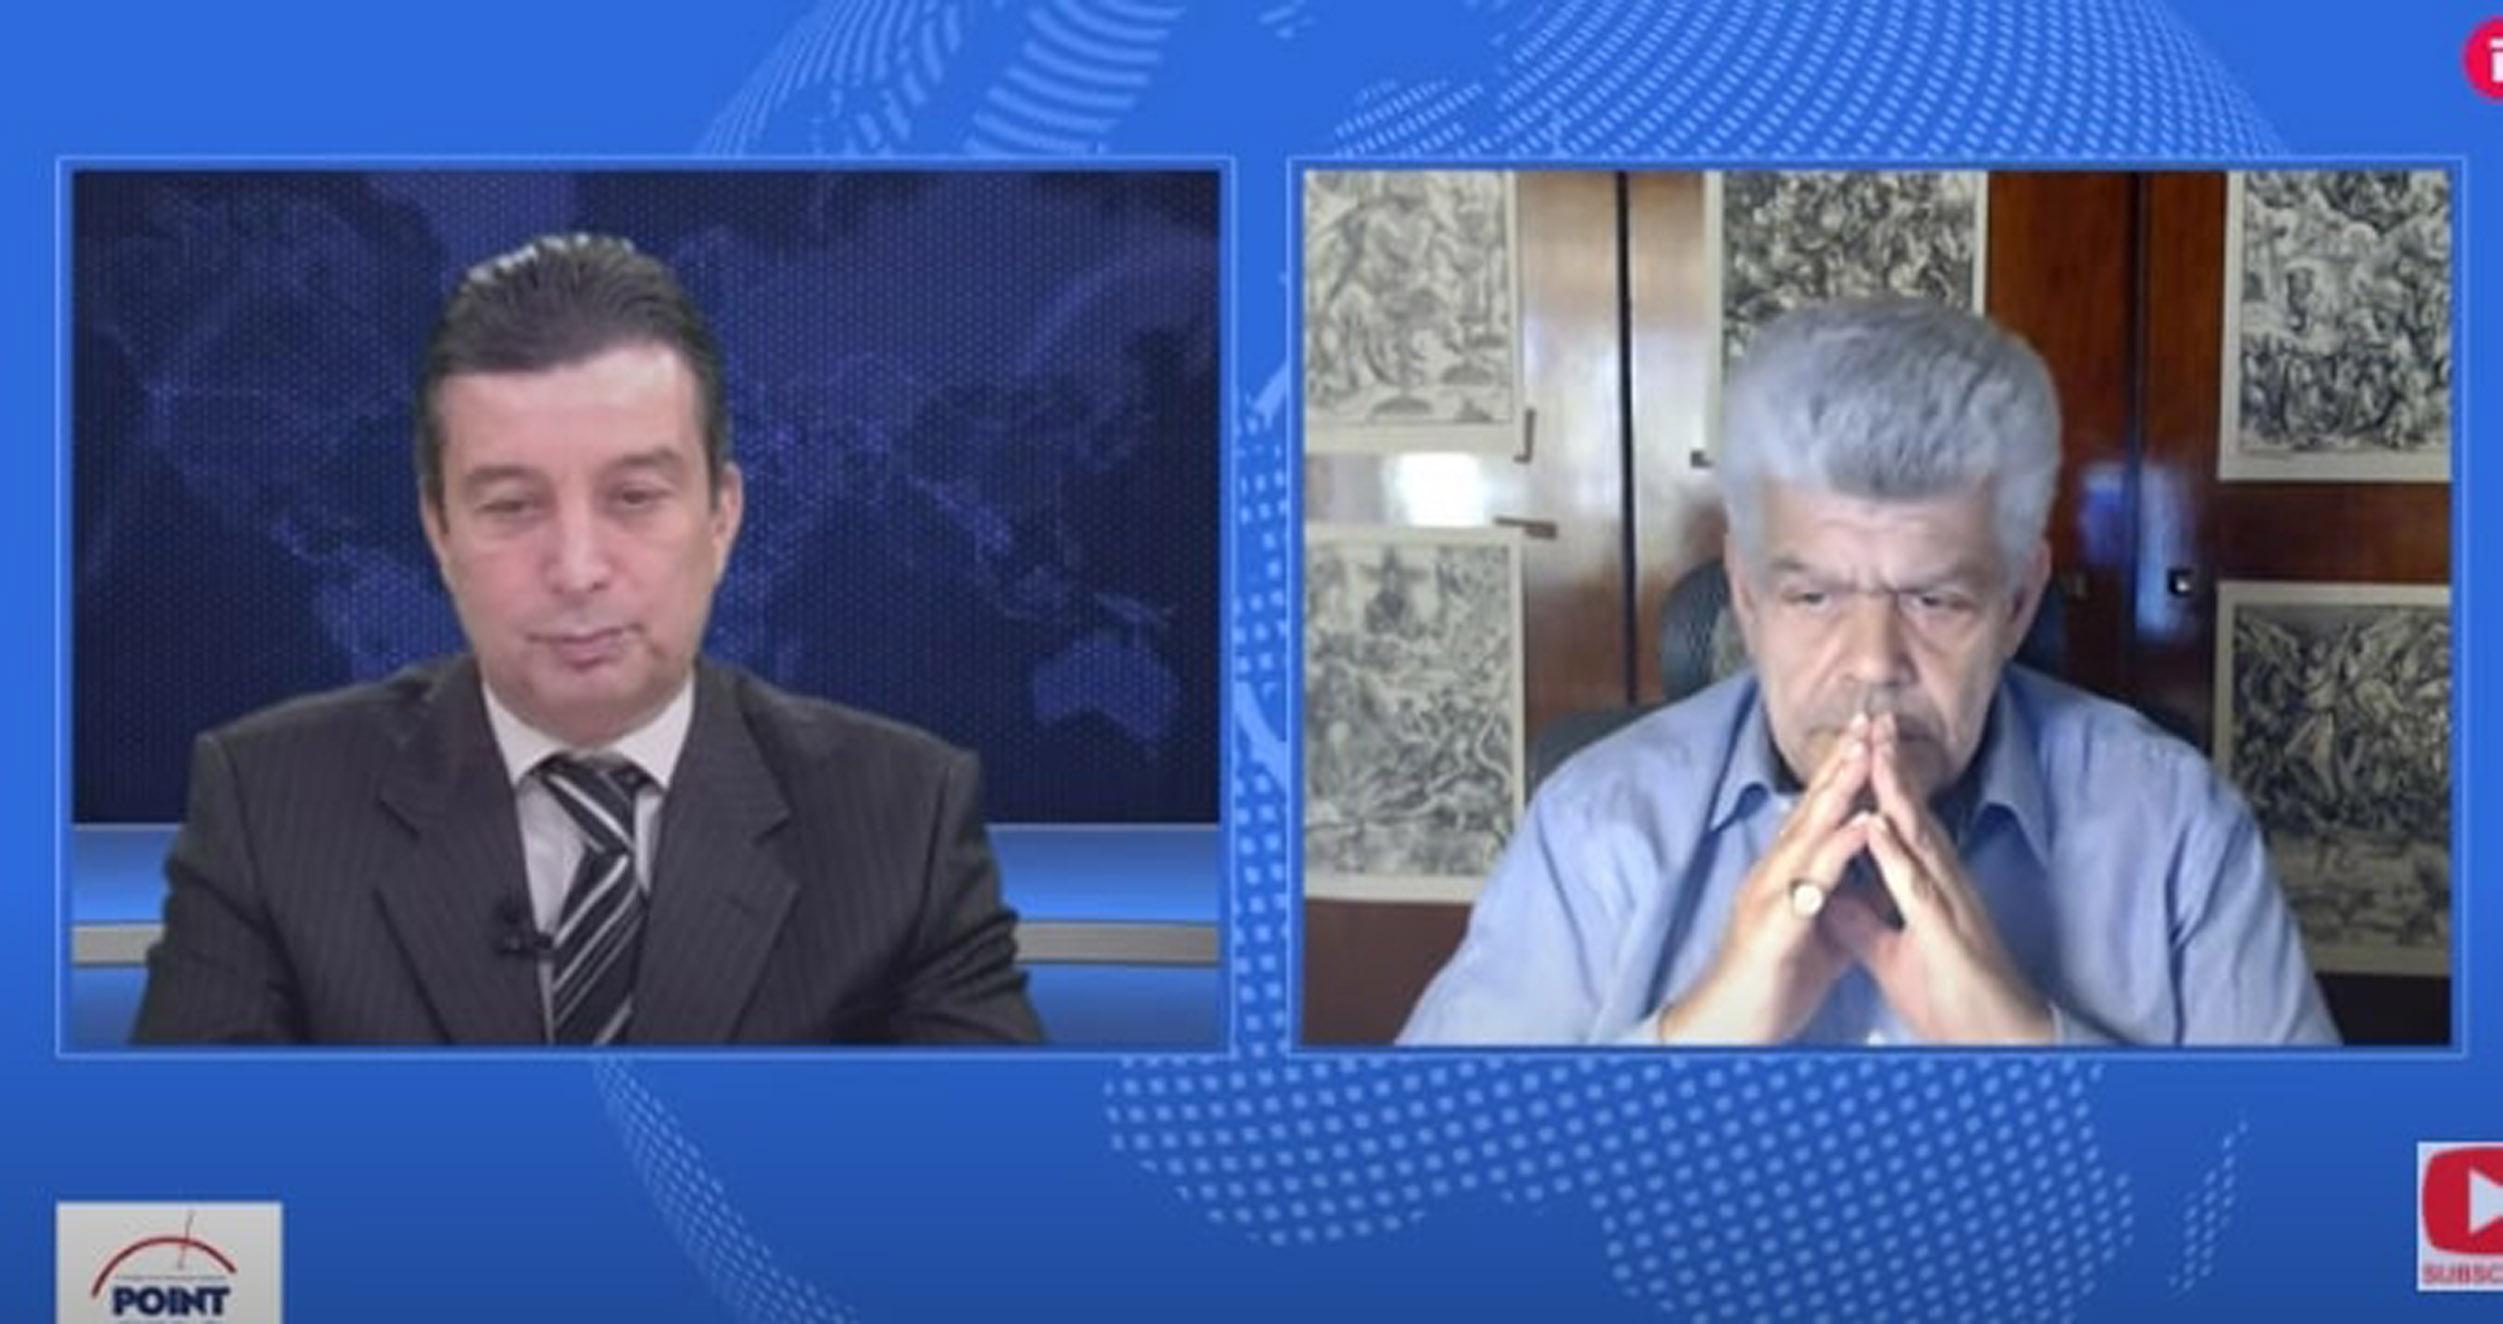 Ιωάννης Μάζης στο pagenews.gr